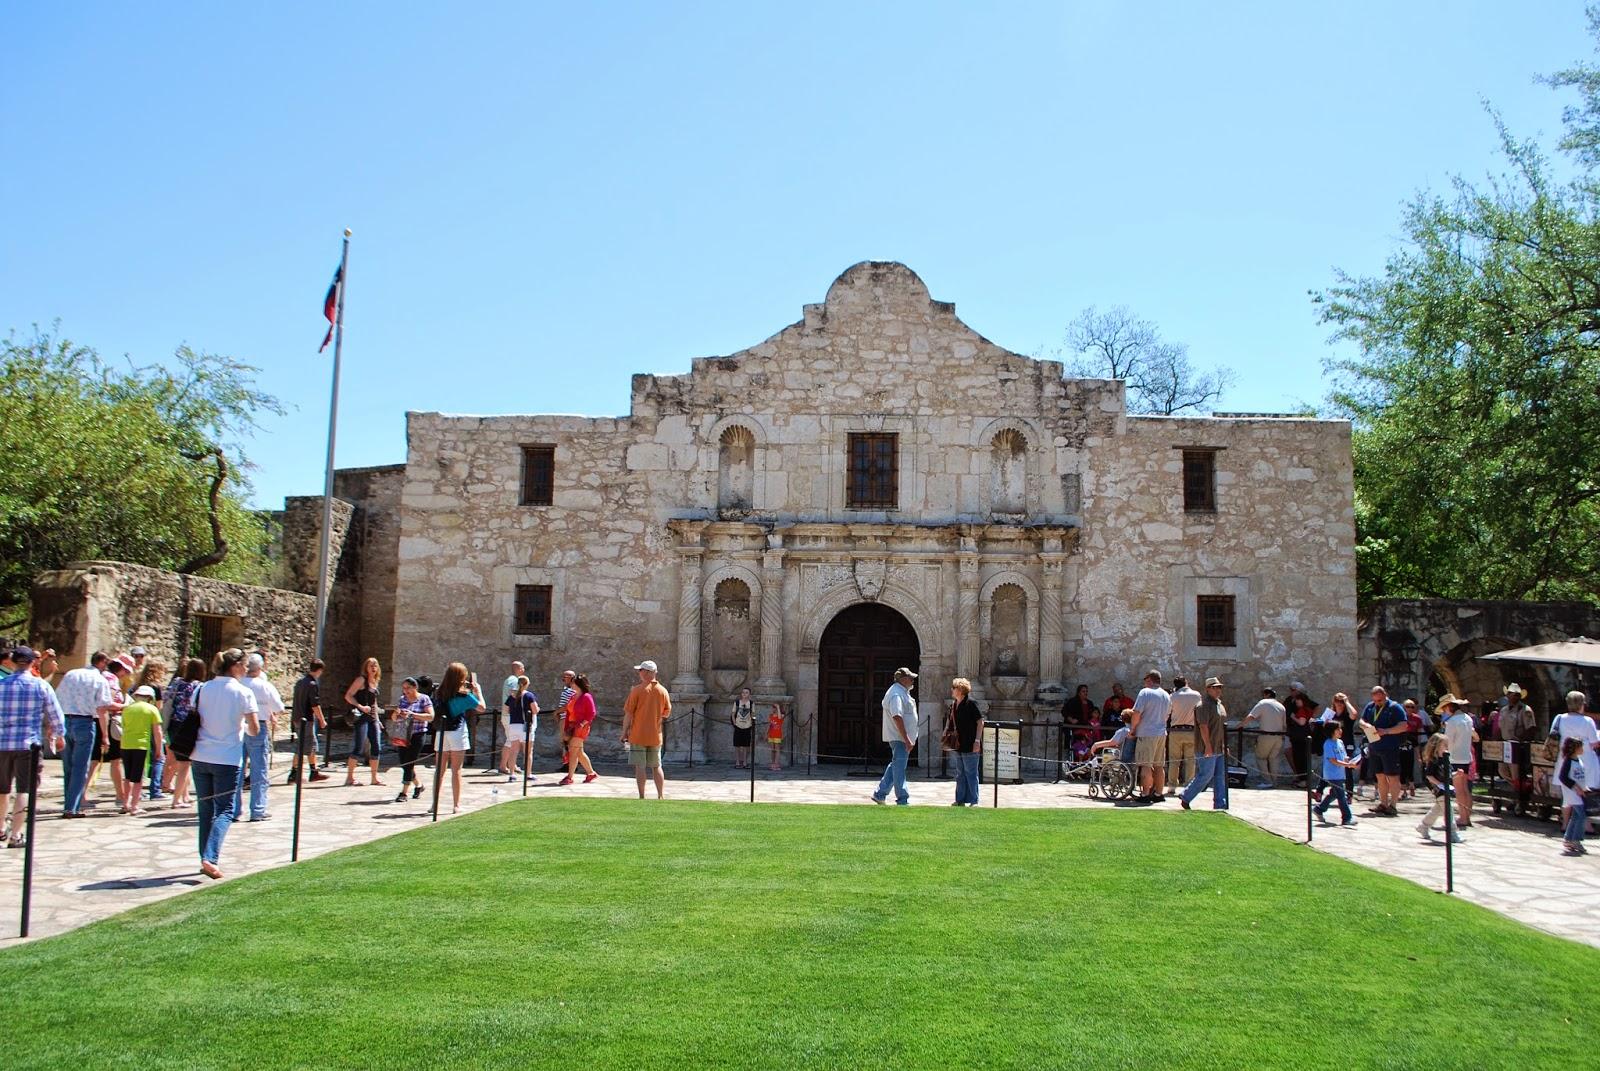 Petit tour du monde des favre texas partie 1 for How far is waco texas from austin texas